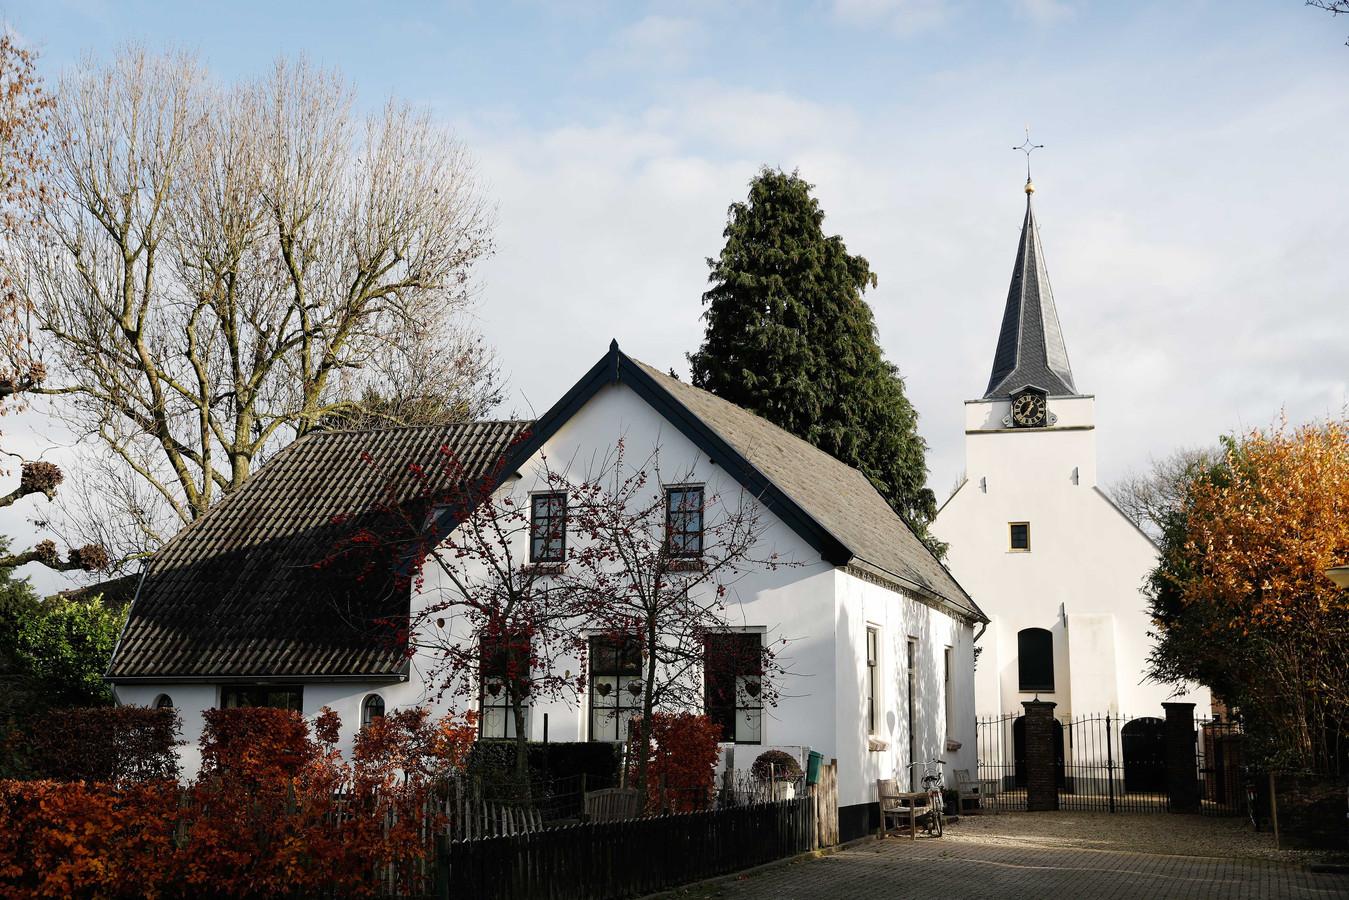 De kerk van Rhenoy.